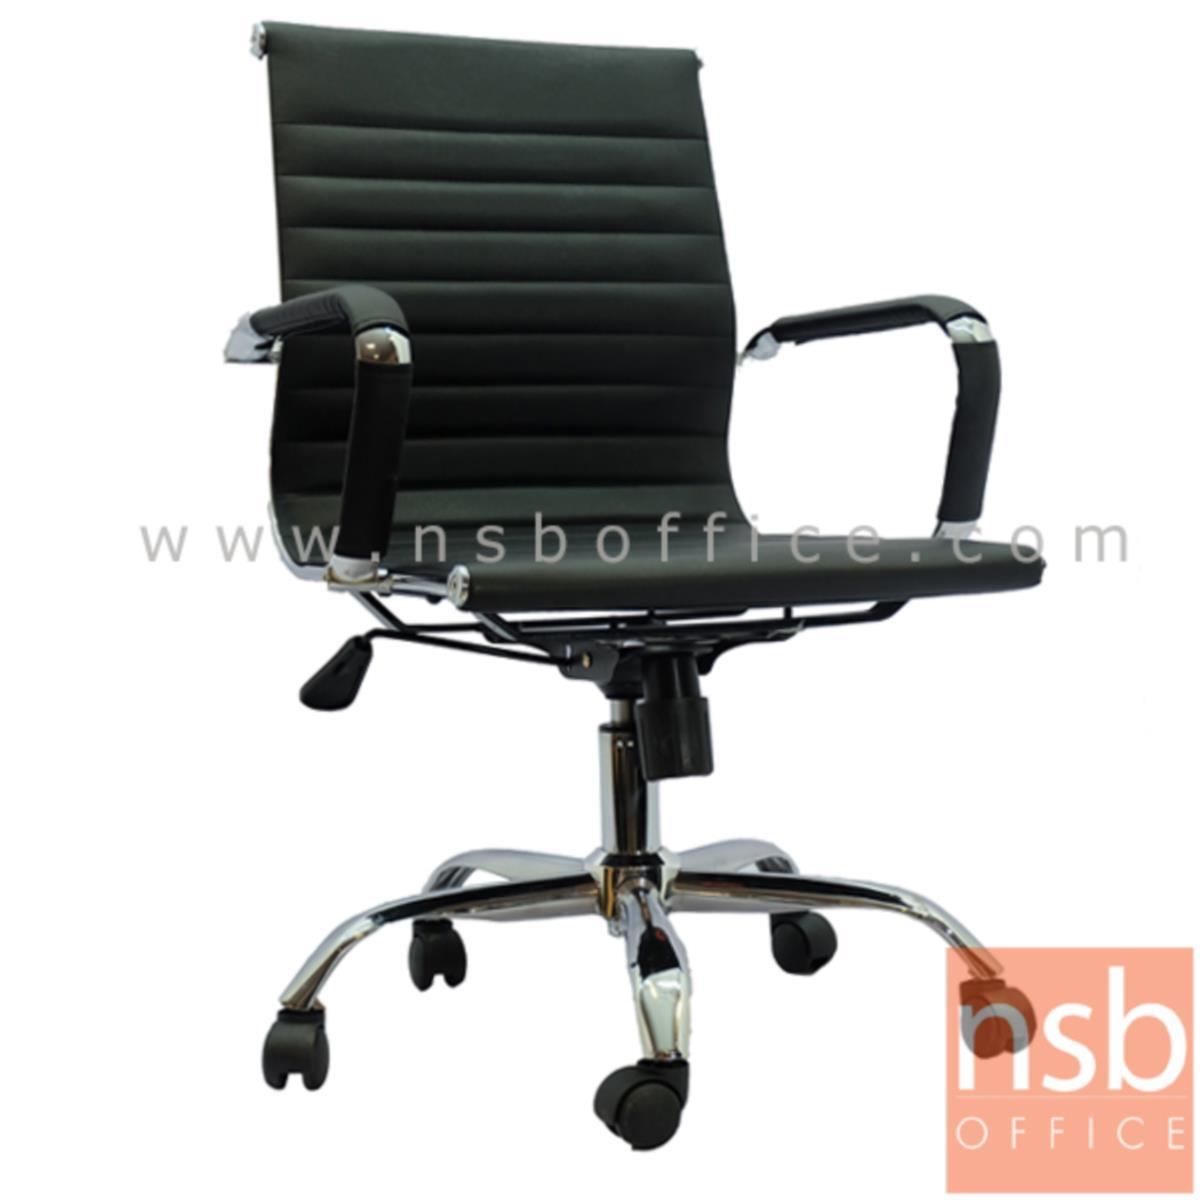 B01A383:เก้าอี้สำนักงานหลังบาง รุ่น Scorpions (สกอร์เปียนส์)  โช๊คแก๊ส มีก้อนโยก ขาเหล็กชุบโครเมี่ยม